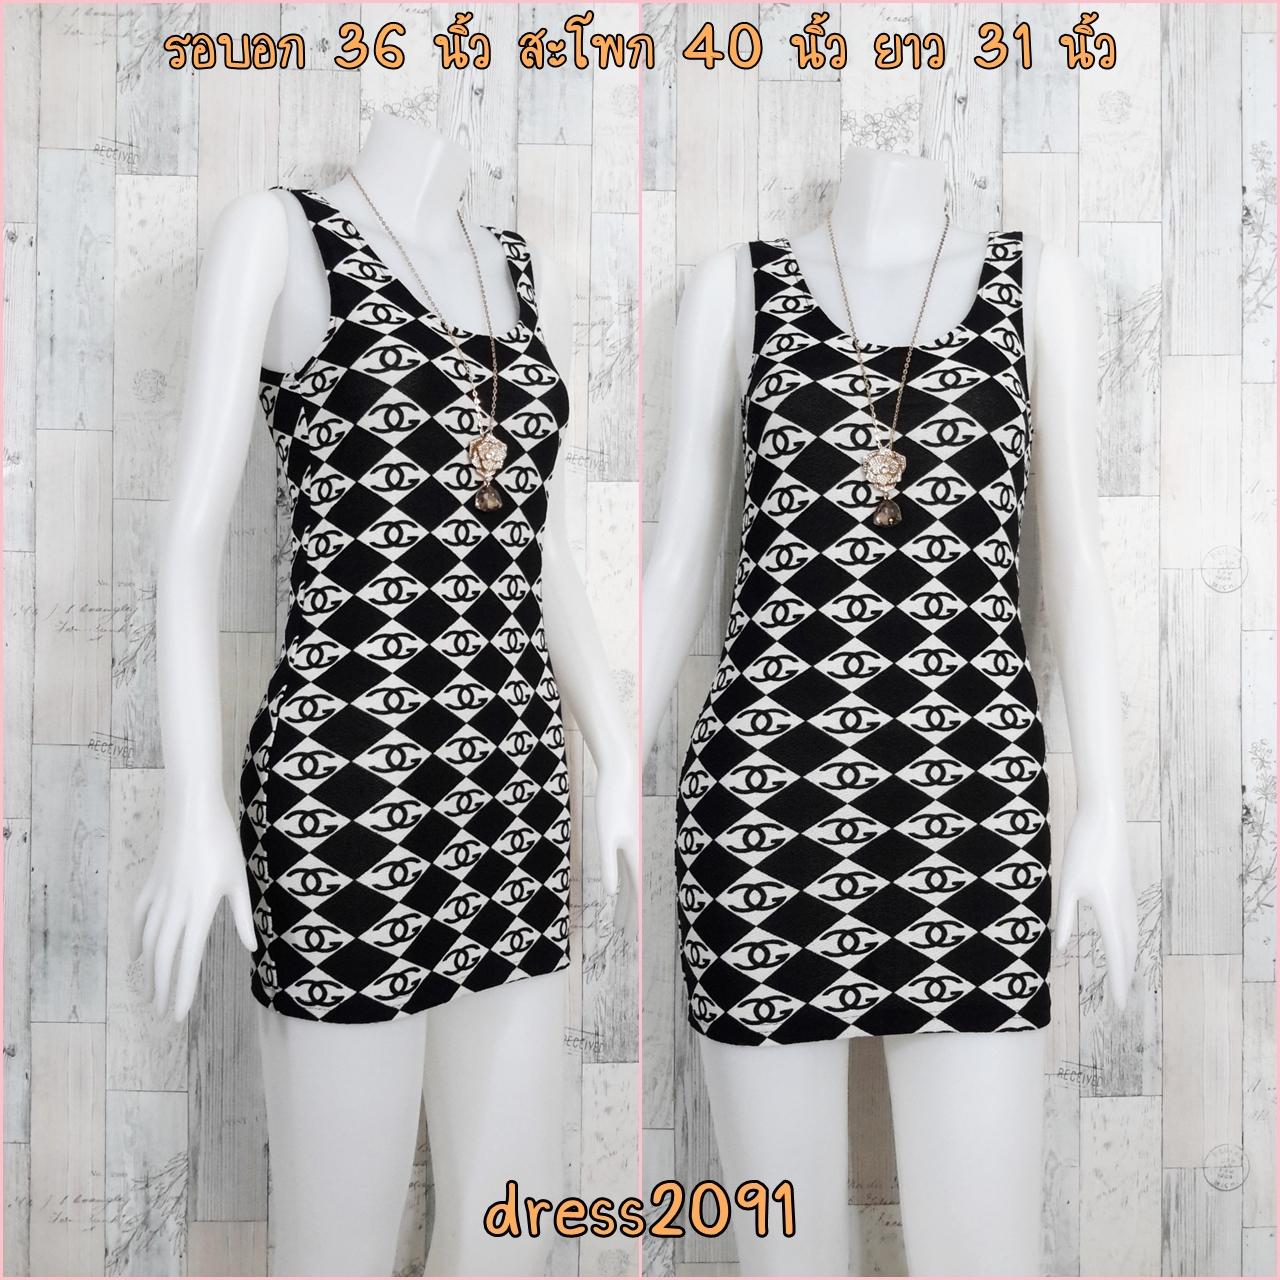 LOT SALE!! Dress2091 เดรสแฟชั่น ผ้าเนื้อดีหนาสวยยืดขยายได้เยอะ โทนสีขาวดำลายชาแนล